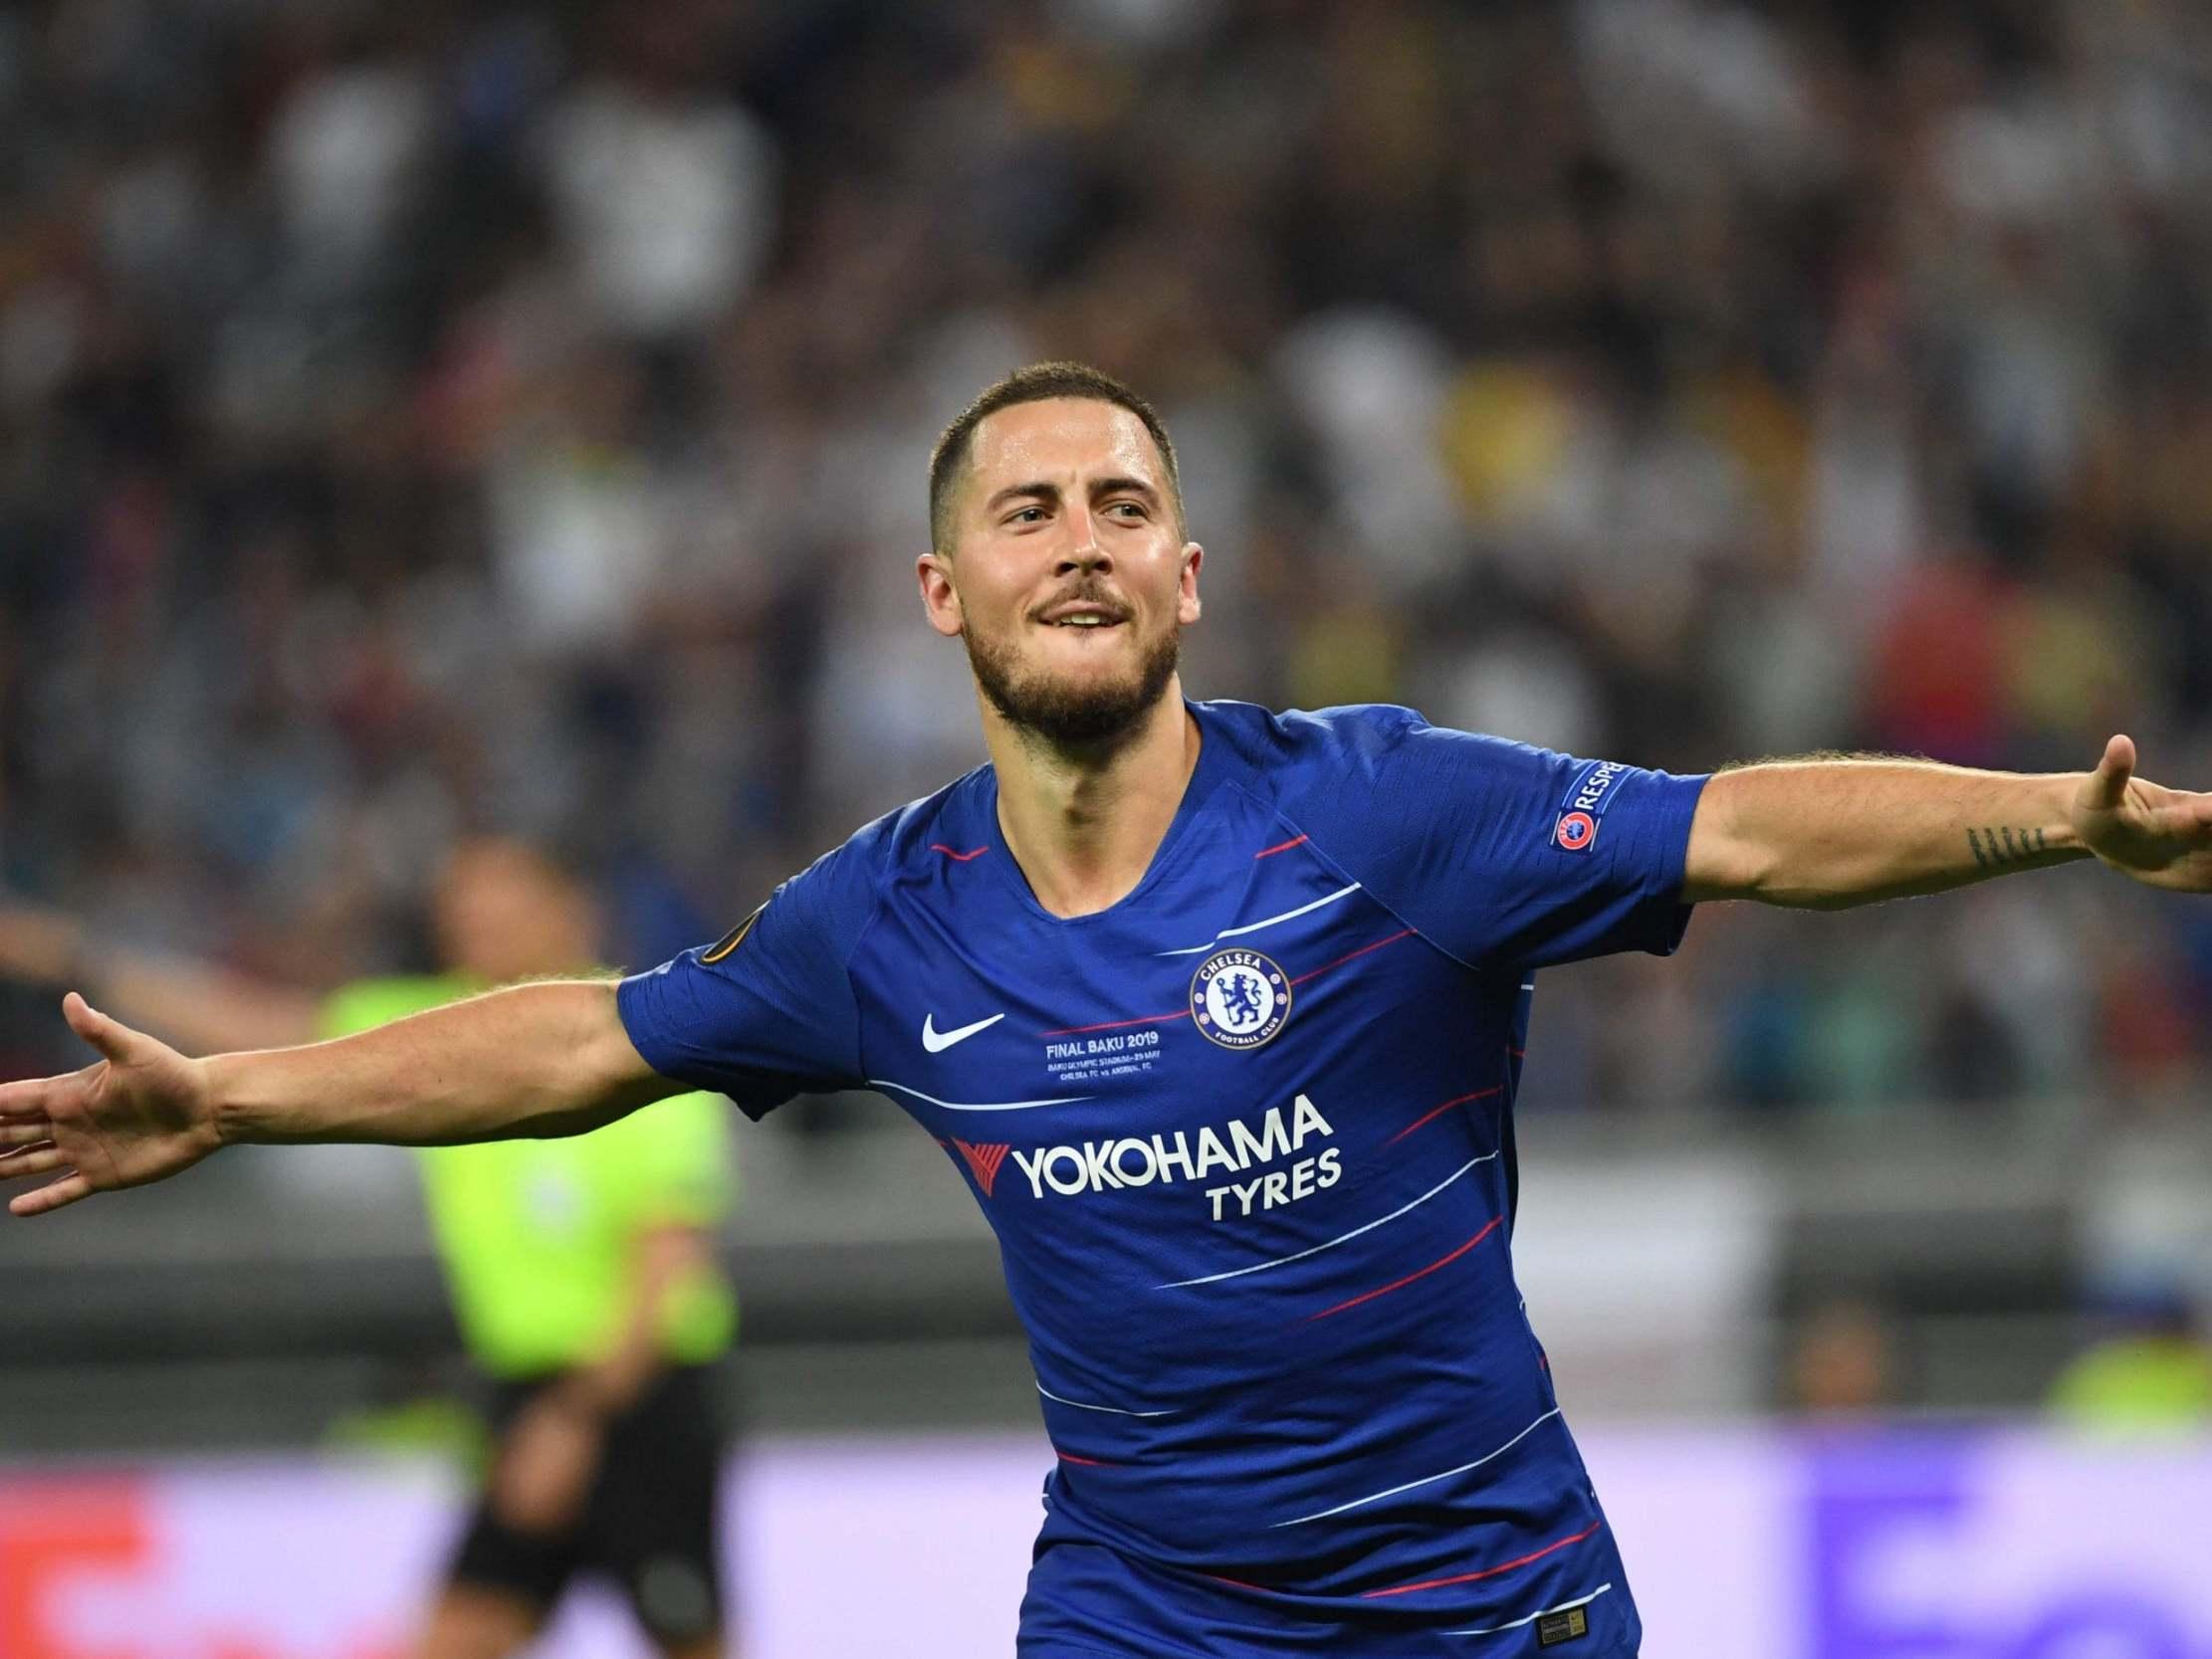 Chelsea transfer news last 24 hours